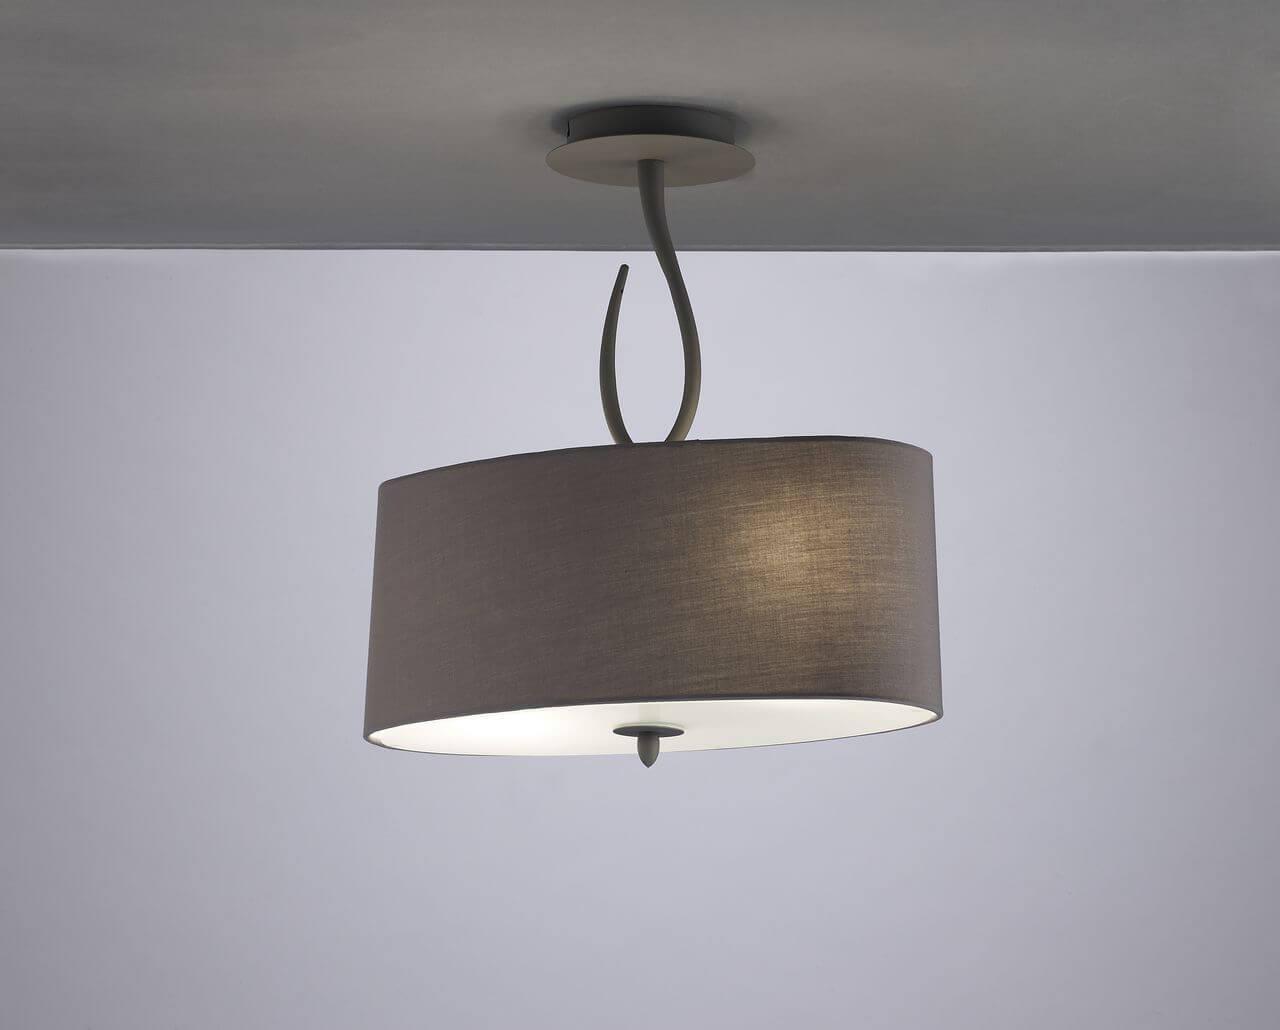 Подвесной светильник Mantra 3690, E27, 13 Вт подвесной светильник mantra 3690